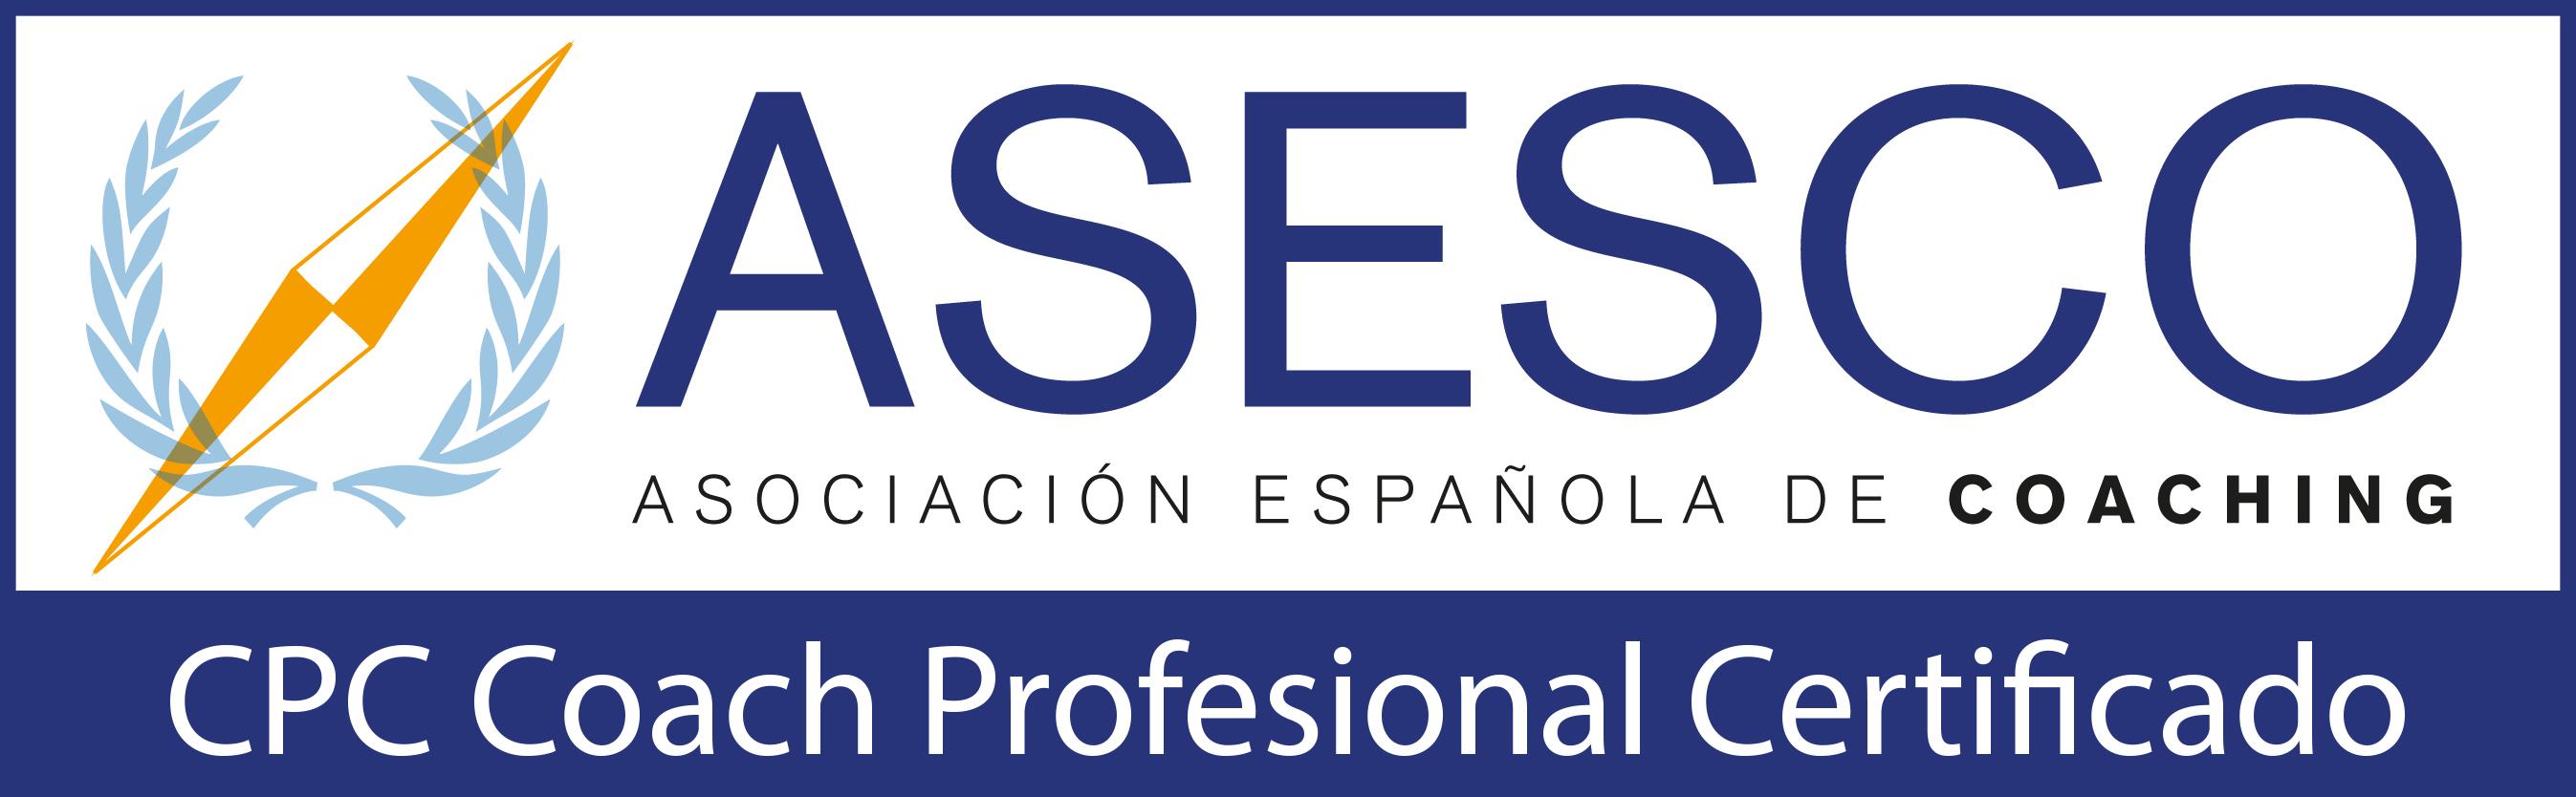 Alberto Astorga es Coach Profesional Certificado por ASESCO